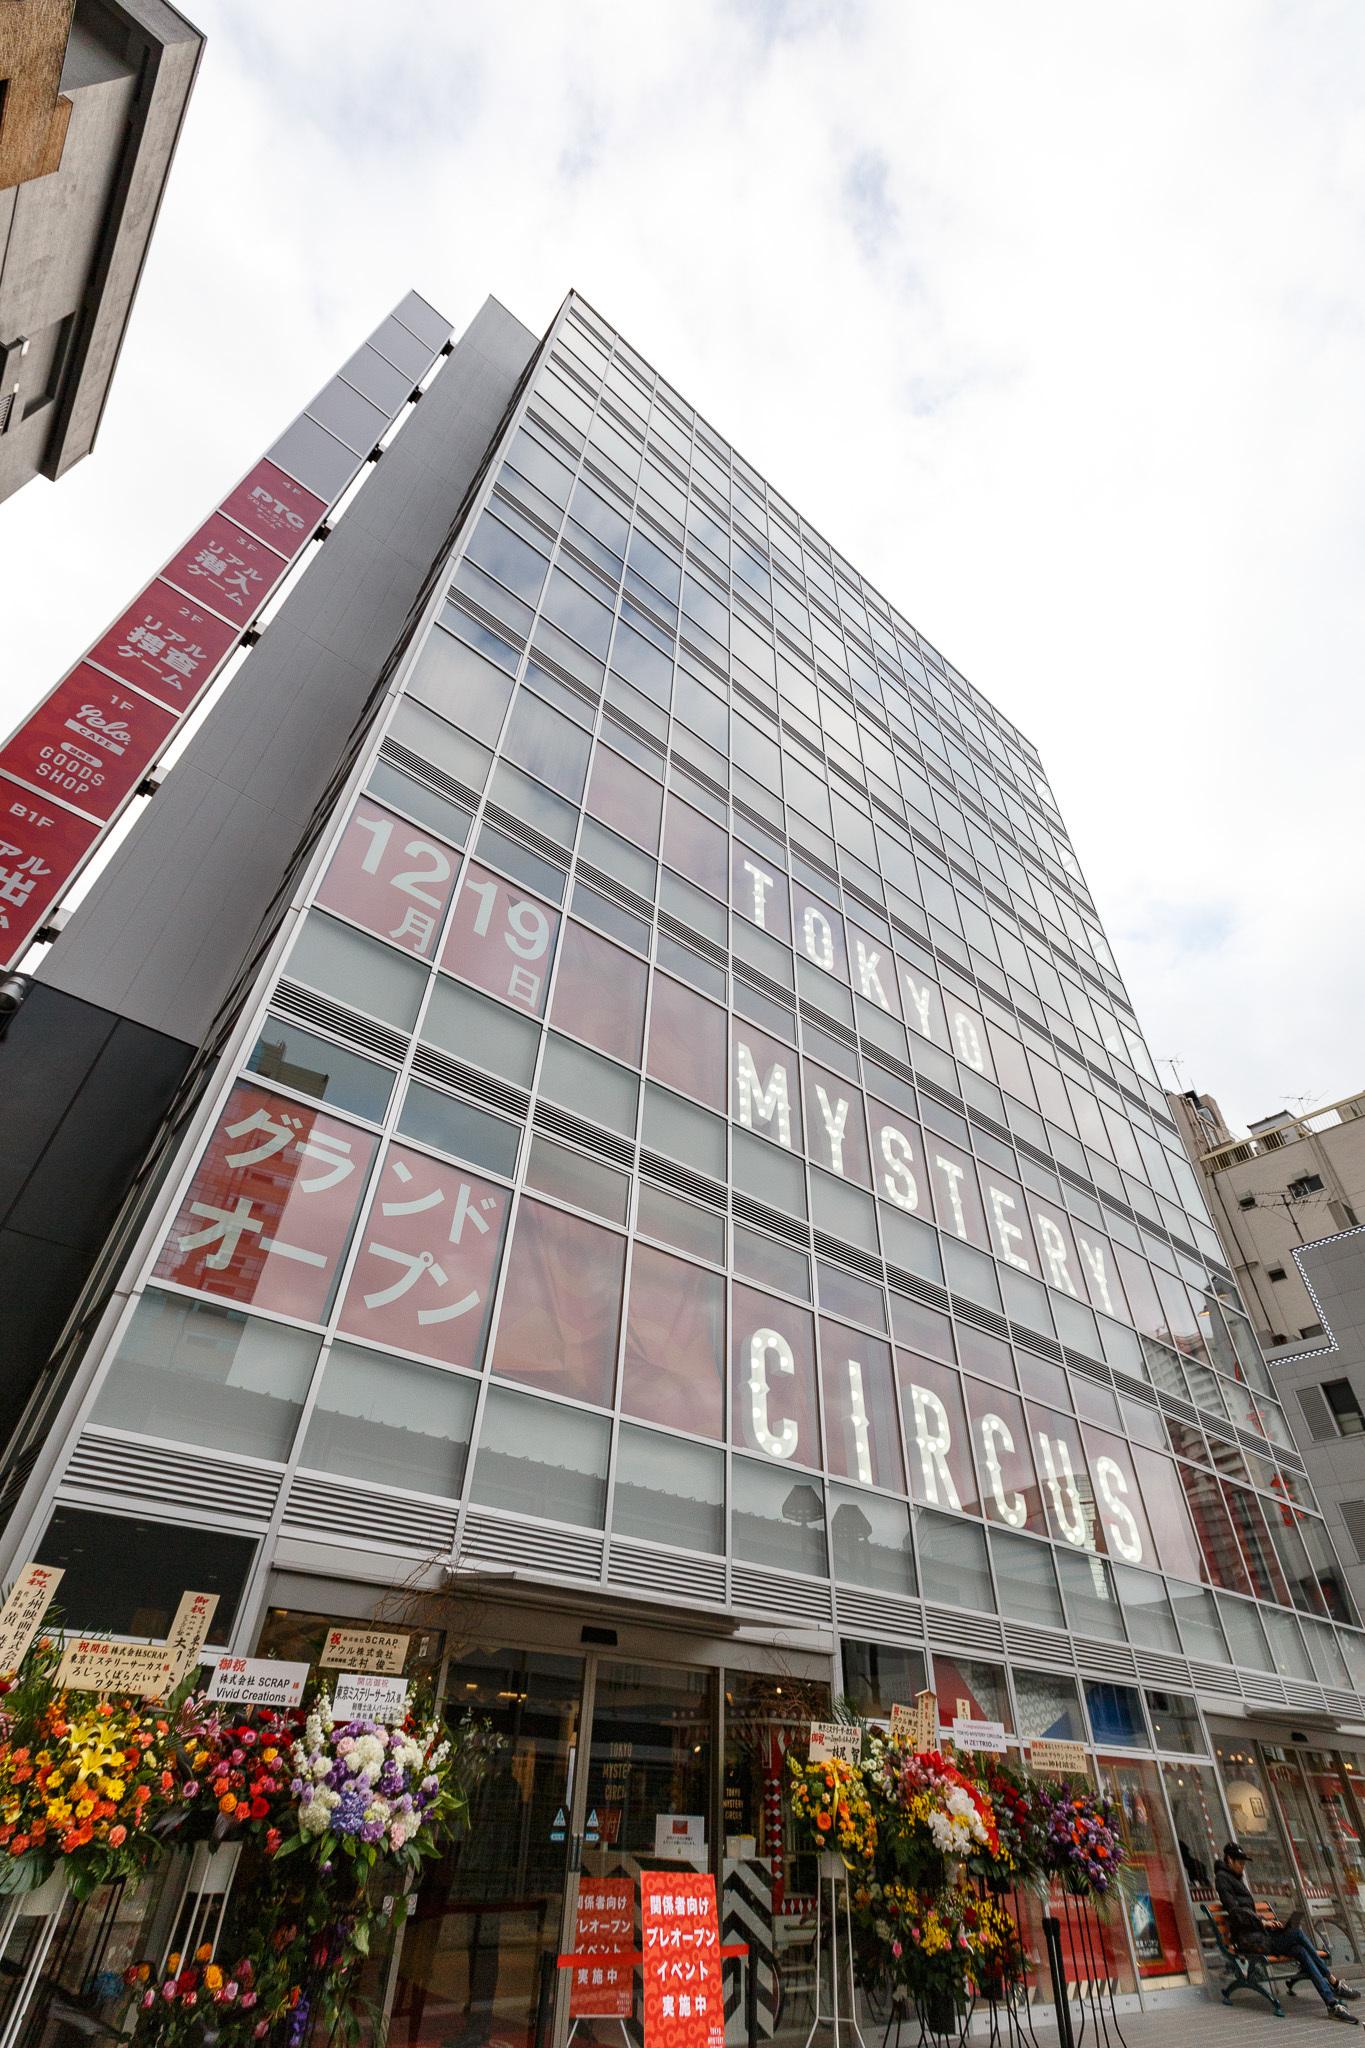 歌舞伎町の東宝ビル近く、アクセスのいい東京ミステリーサーカス